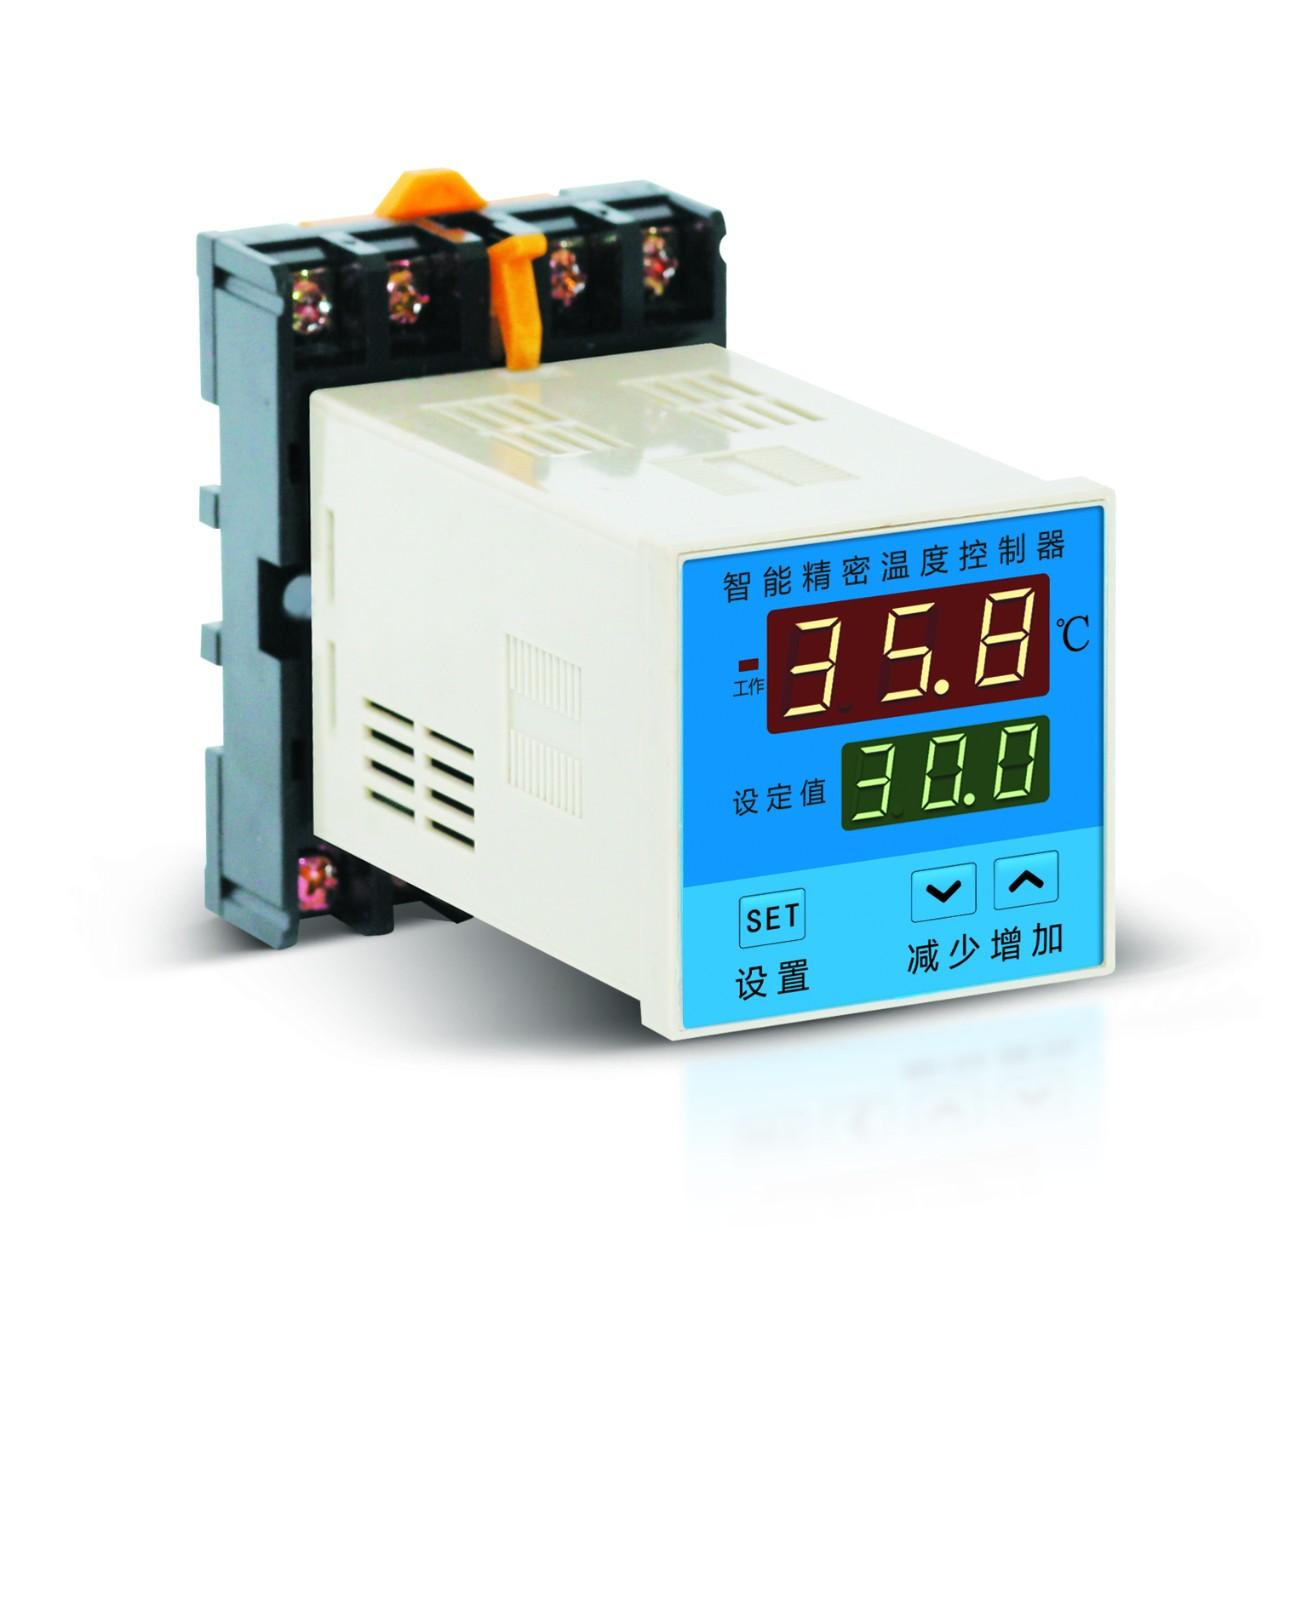 肇庆市ZR-WKB30-3F/150W-120温湿度控制器在